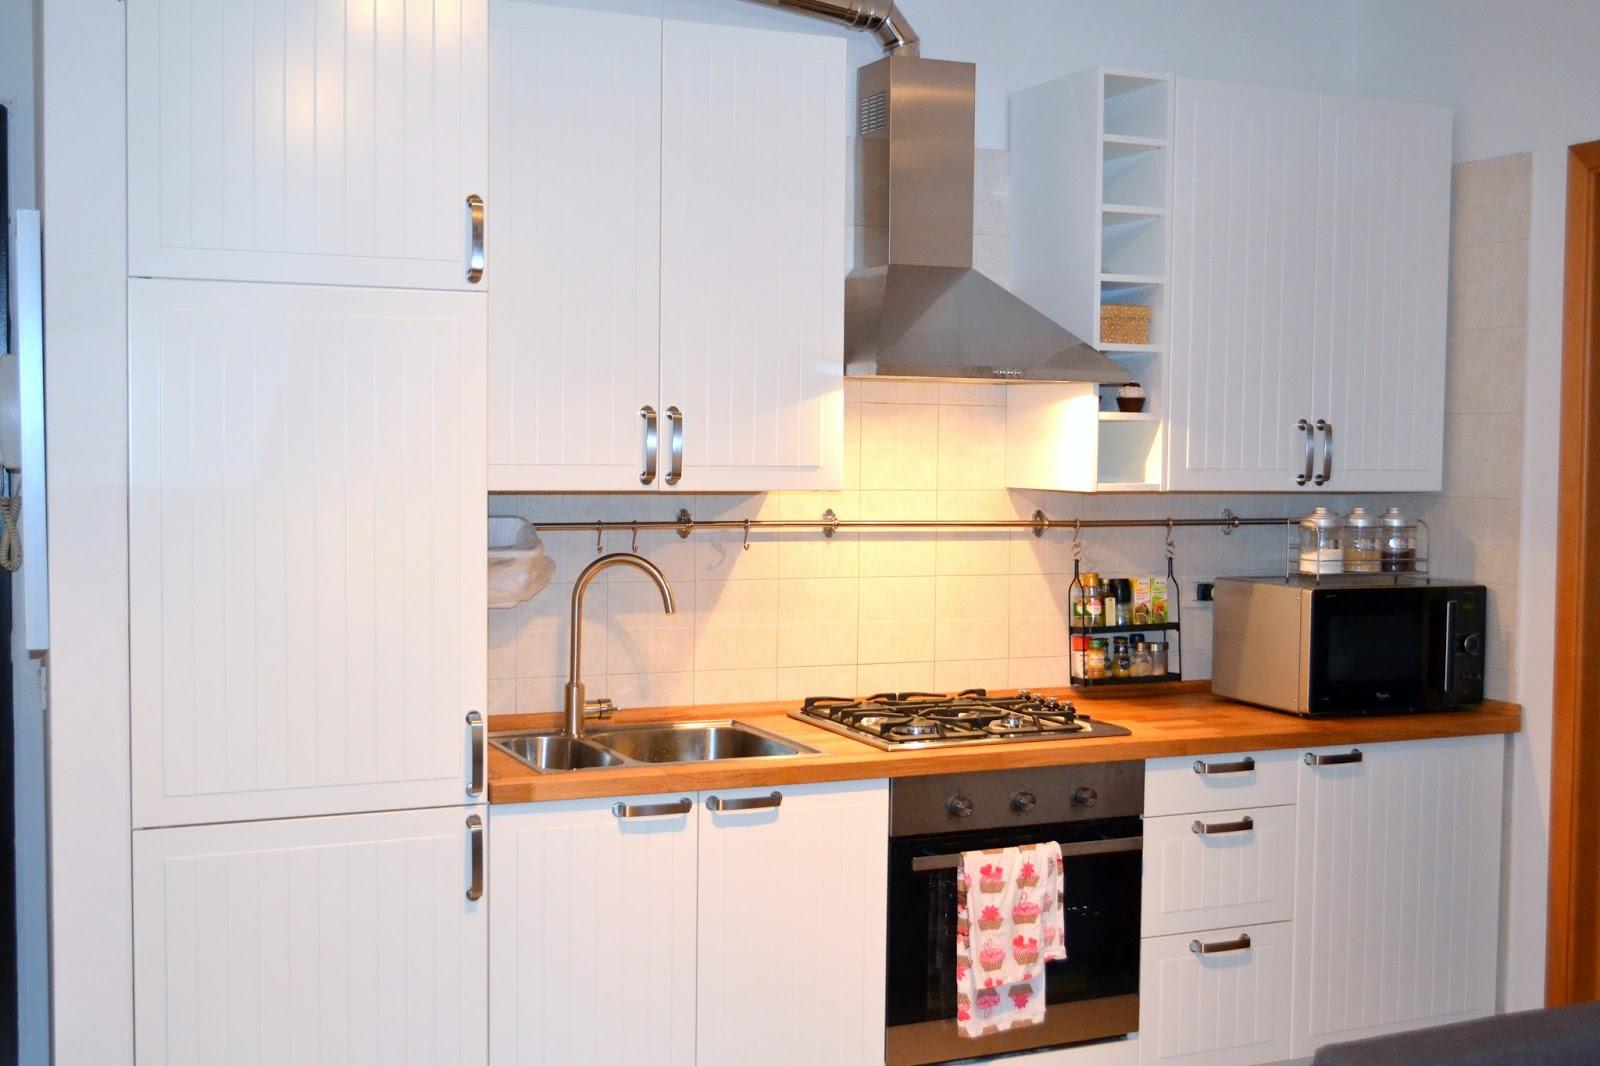 Pensile Cucina Angolare Ikea Mini Cucina Jolly Salvaspazio Dalle